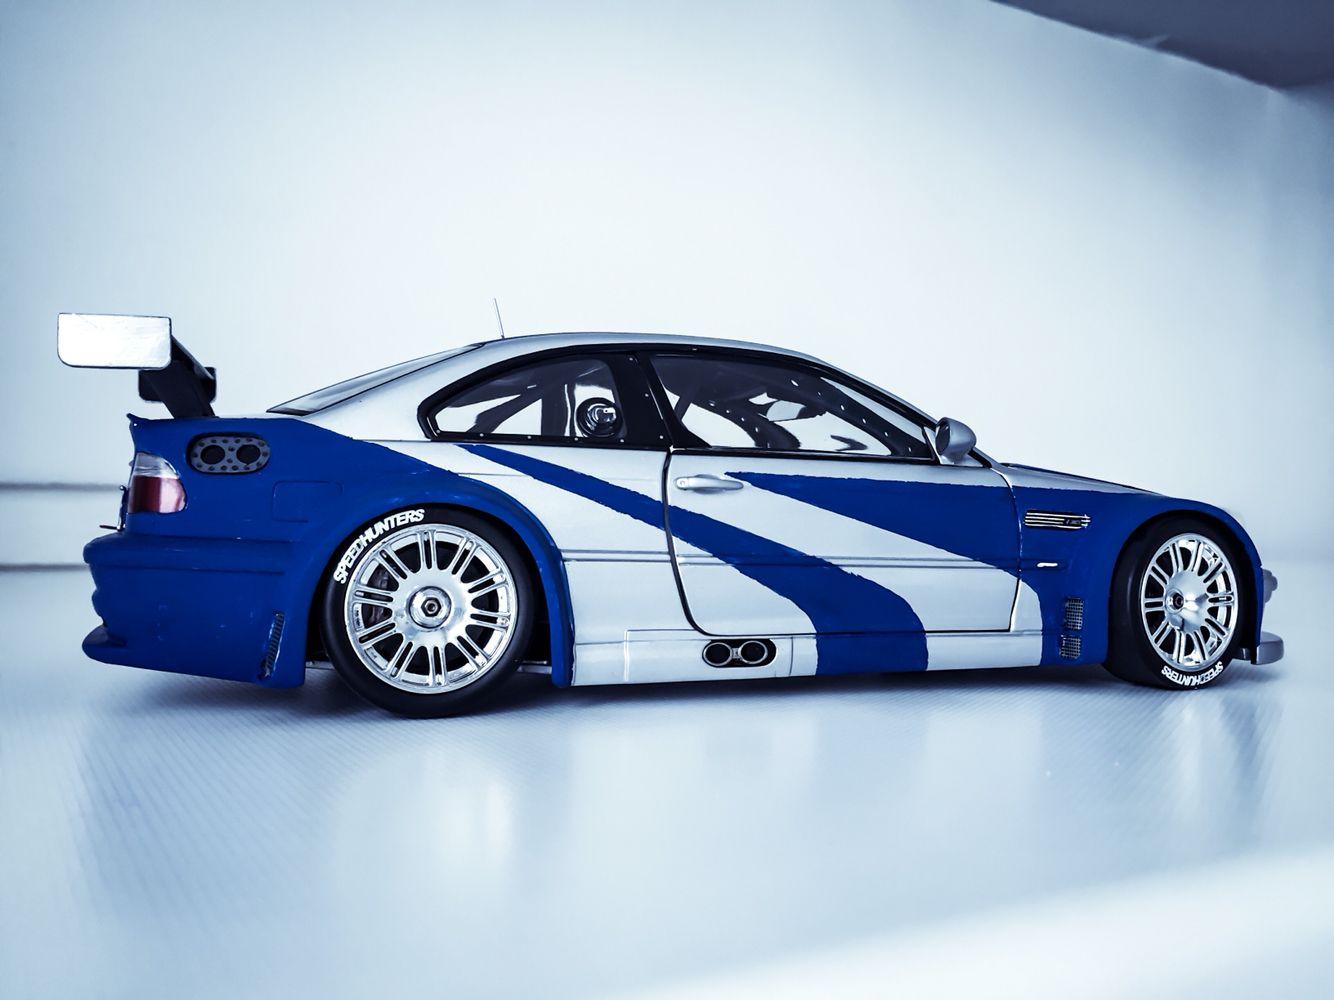 Bmw M3 Gtr Nfs Cars I Like Bmw M3 Bmw Bmw Cars